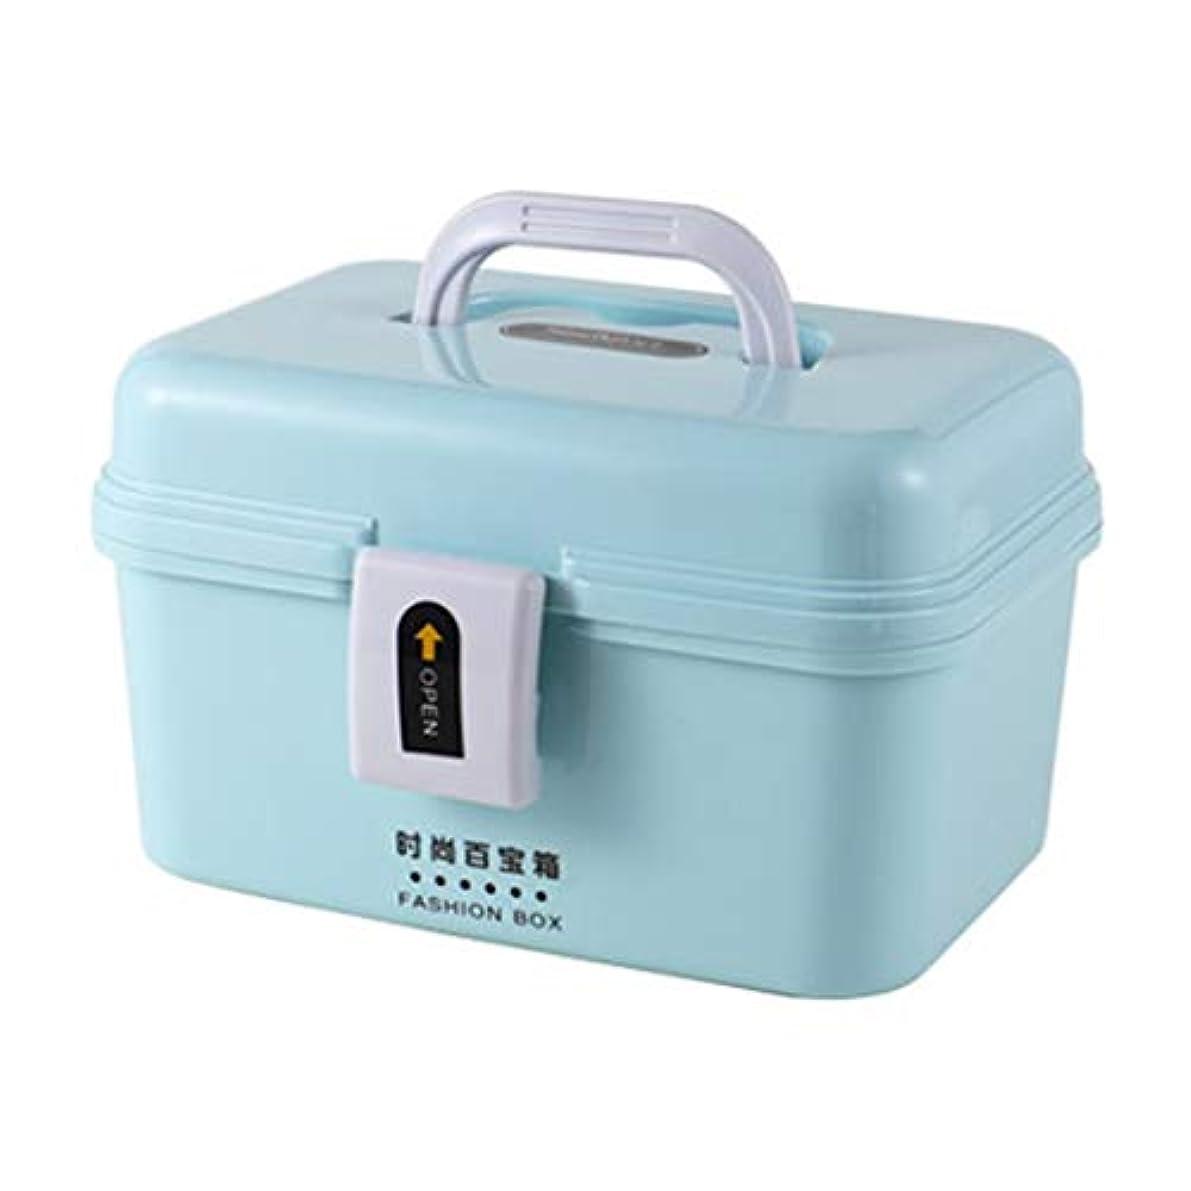 選択するモロニック筋First aid kit 2色で利用できる大きいコンパートメント二重薬の収納箱の携帯用家族の薬のキャビネット XBCDP (Color : Blue)